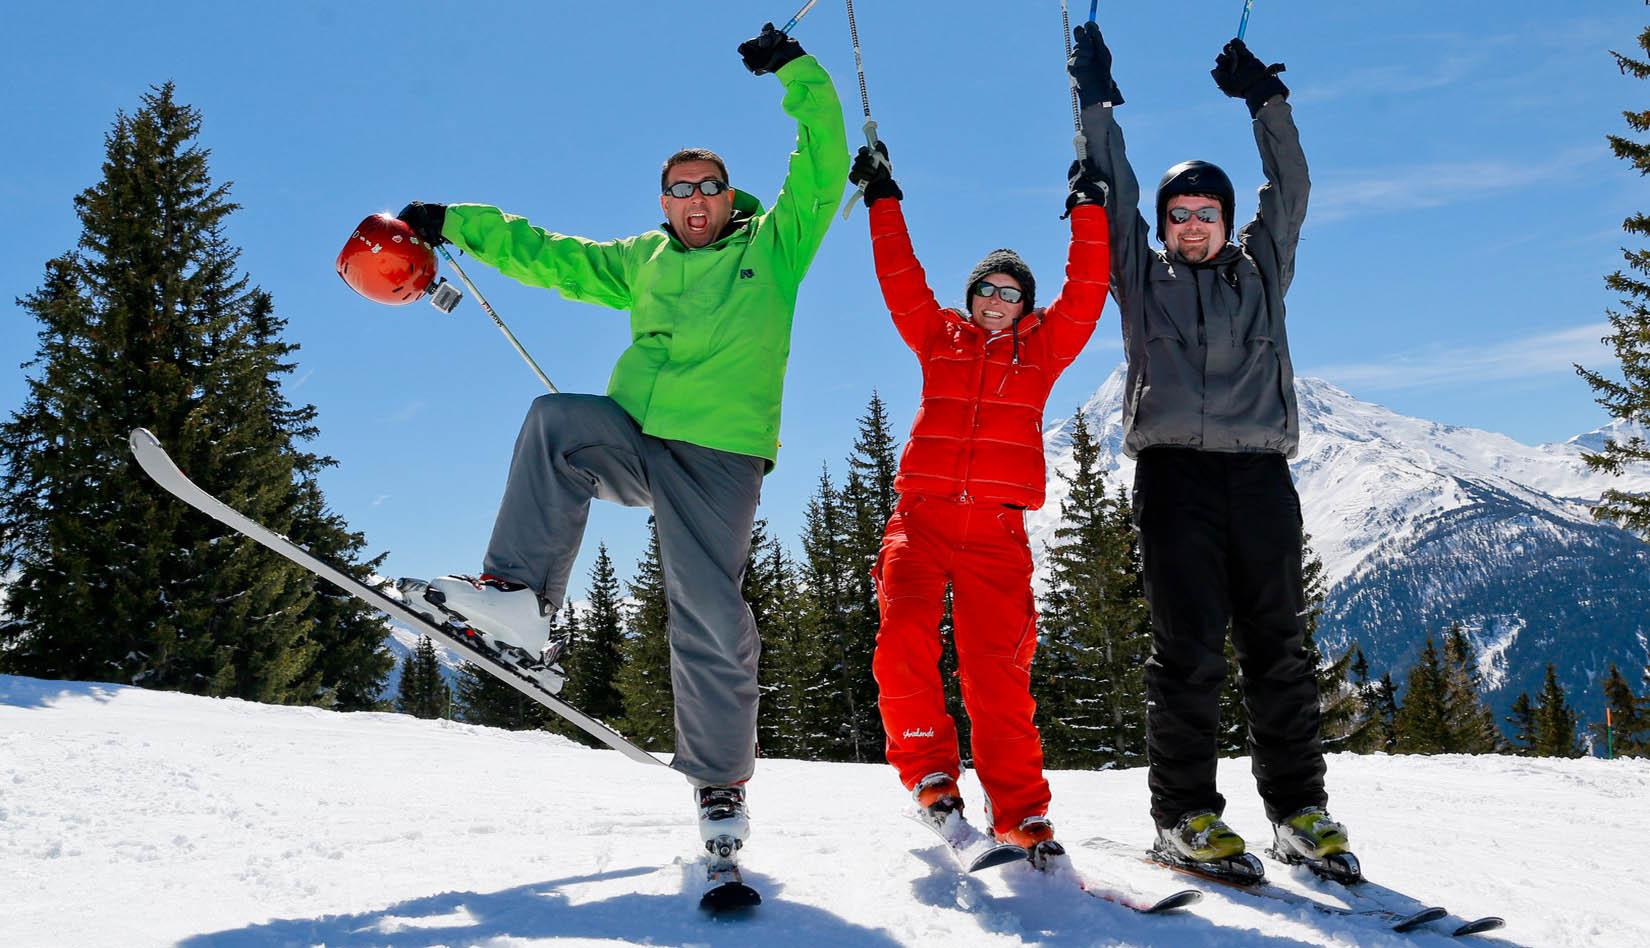 Ghidul începătorului: Cum îți alegi echipamentul de schi